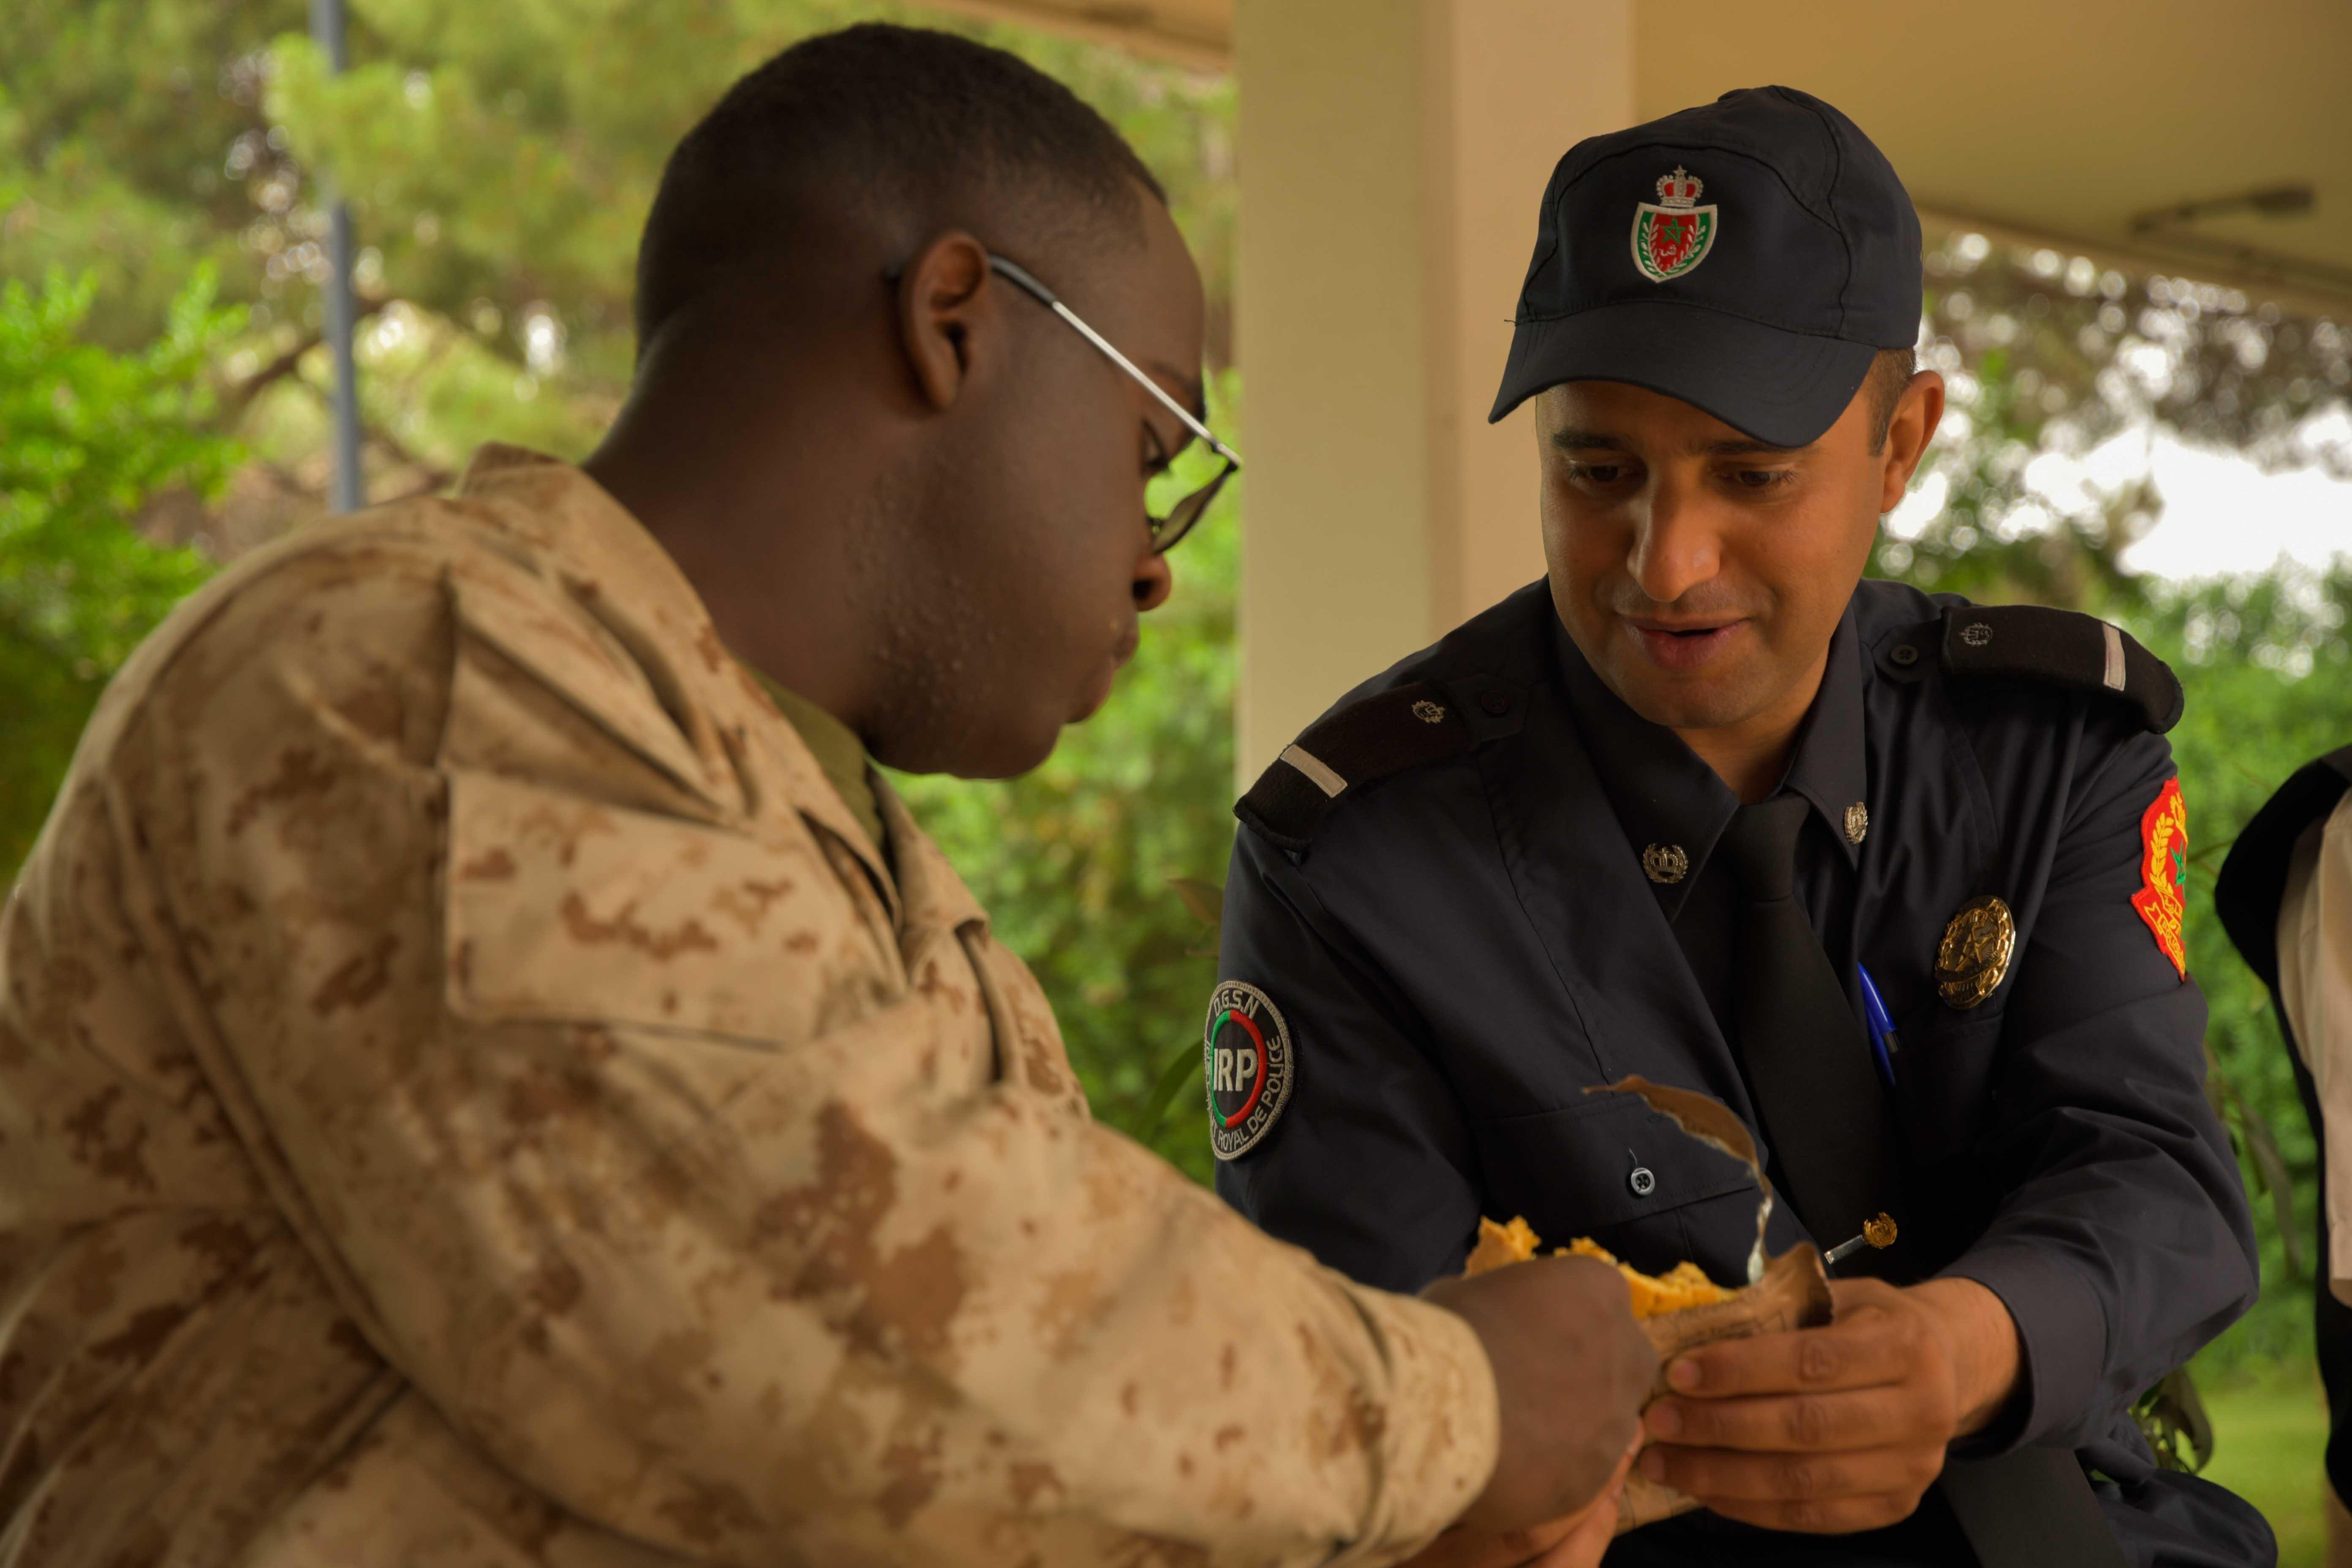 Moroccan Special Forces/Forces spéciales marocaines  :Videos et Photos : BCIJ, Gendarmerie Royale ,  - Page 11 35010132346_0dc01ddcf6_o